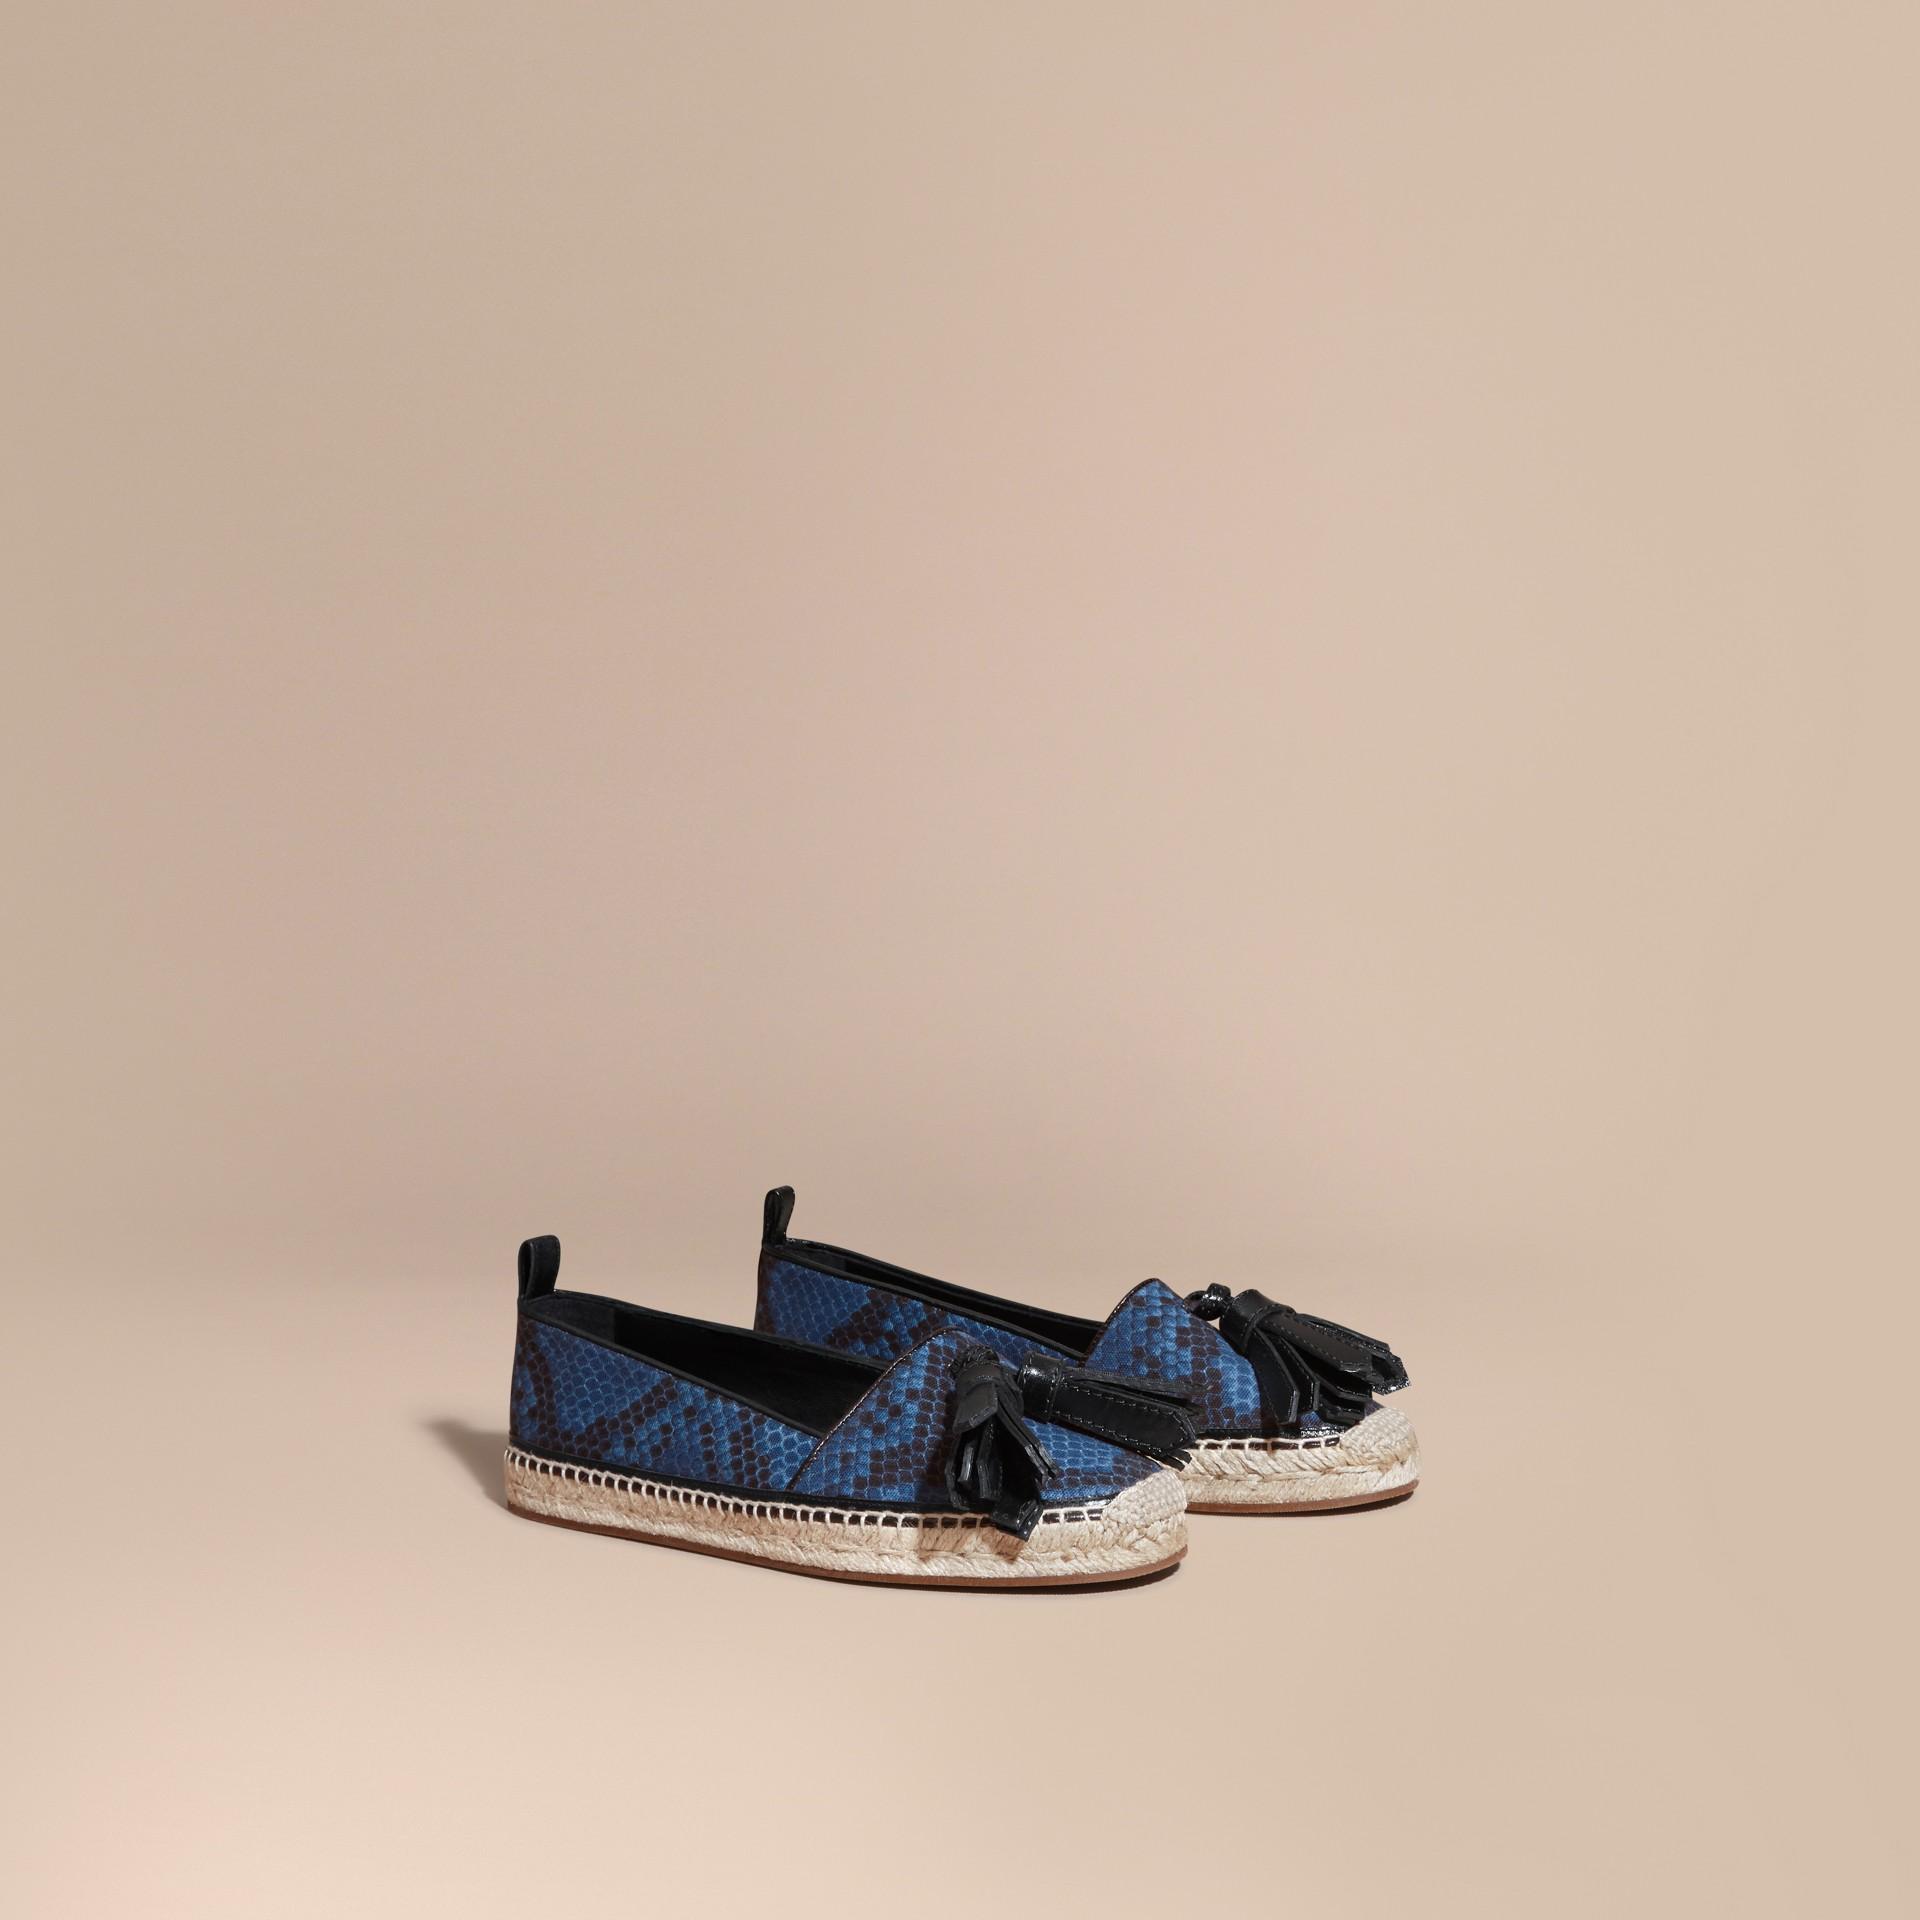 Bleu minéral Espadrilles en cuir et coton à imprimé python avec pampilles Bleu Minéral - photo de la galerie 1